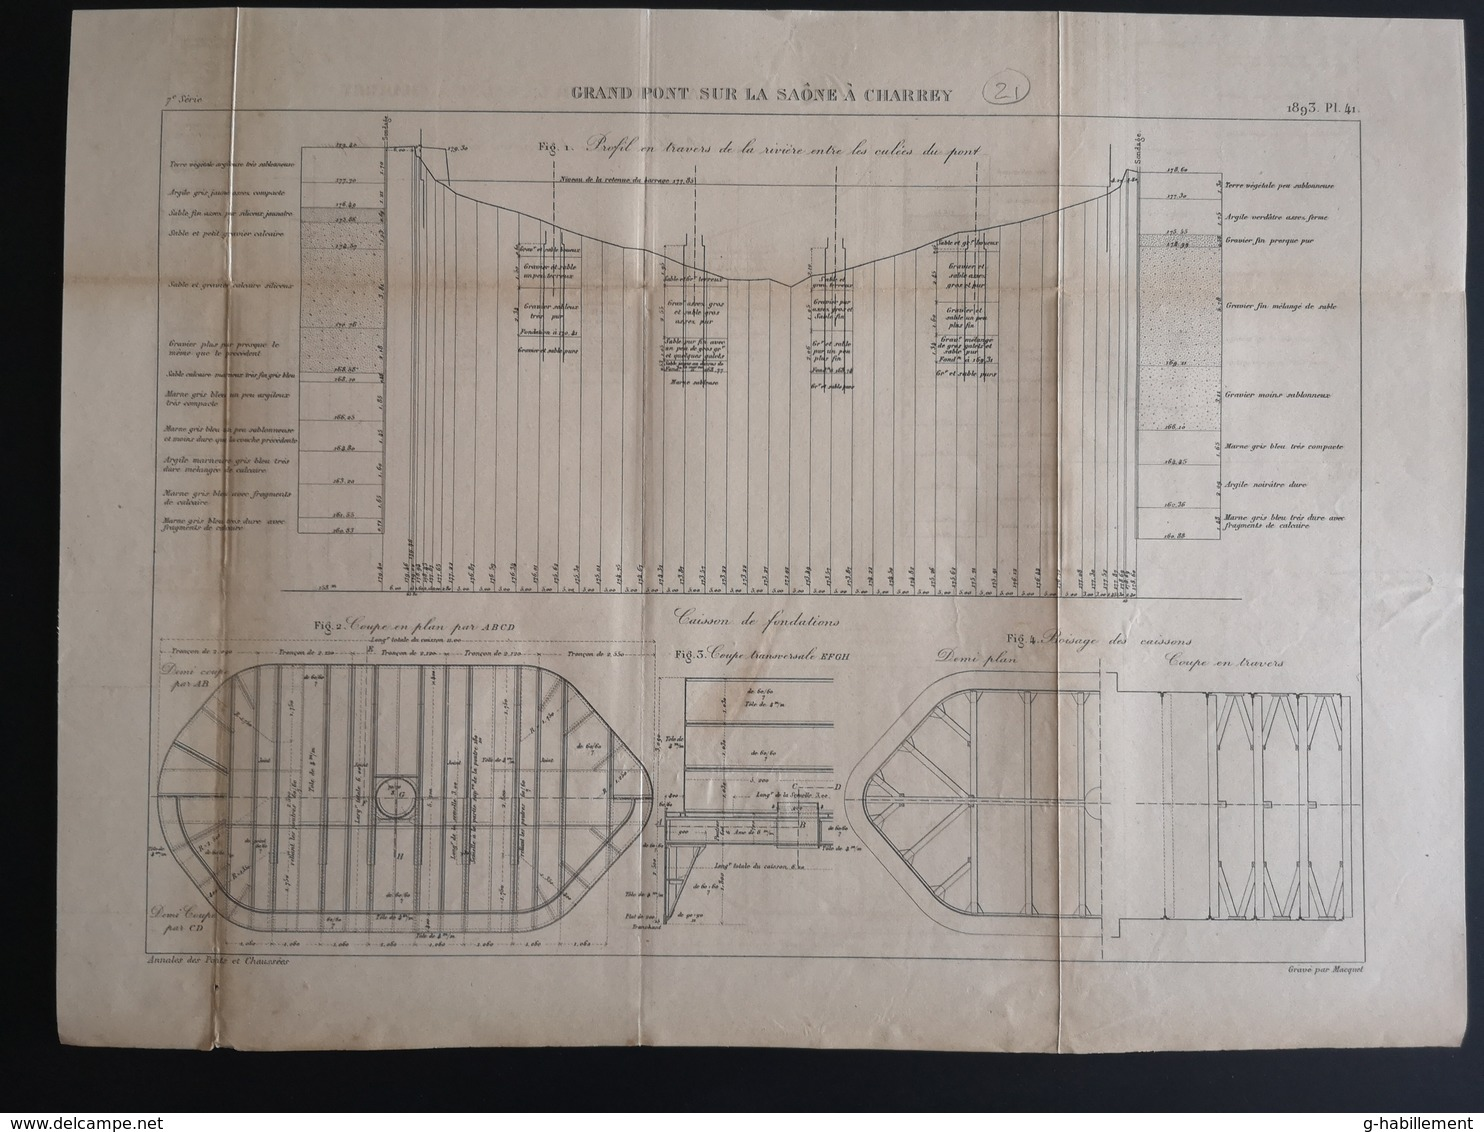 ANNALES PONTS Et CHAUSSEES (Dep 21) - Plan Du Grand Pont Sur La Saône à Charrey - Graveur Macquet - 1893 (CLF37) - Travaux Publics